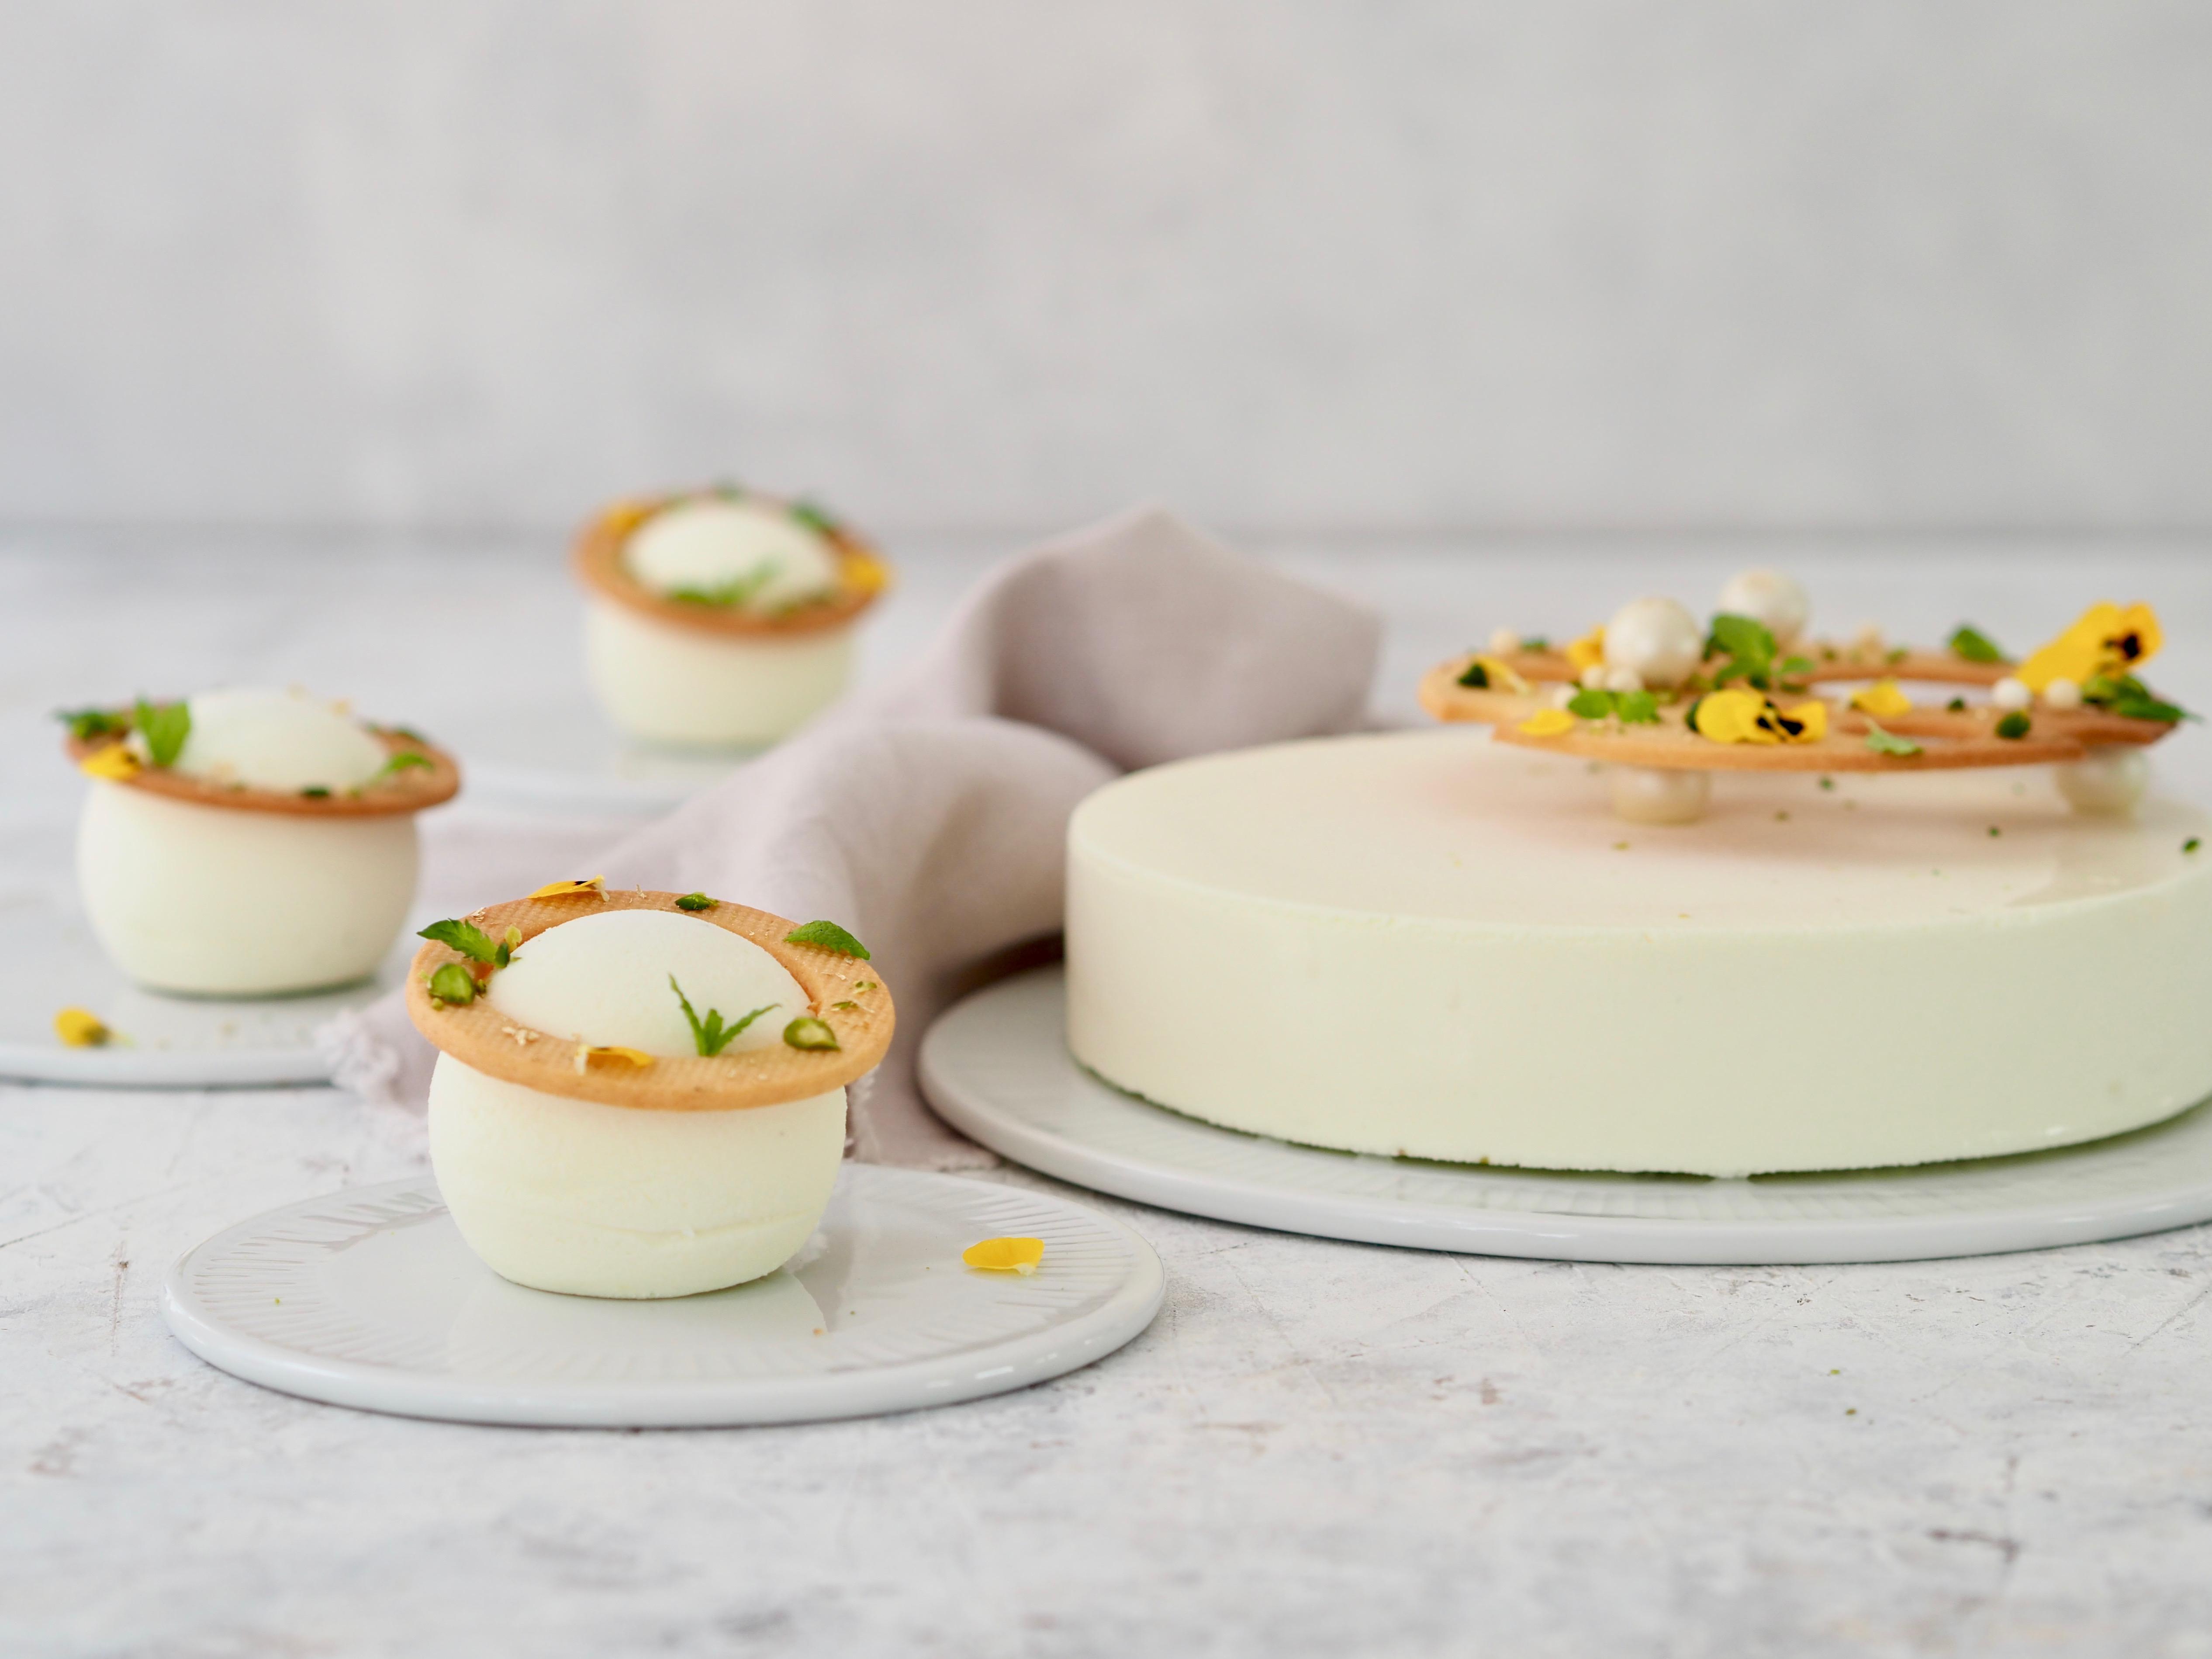 Opskrift på en mojito mousse dessert fra Klub Ditte Julie. Moussekagerne er lavet i By Ditte Julie forme.